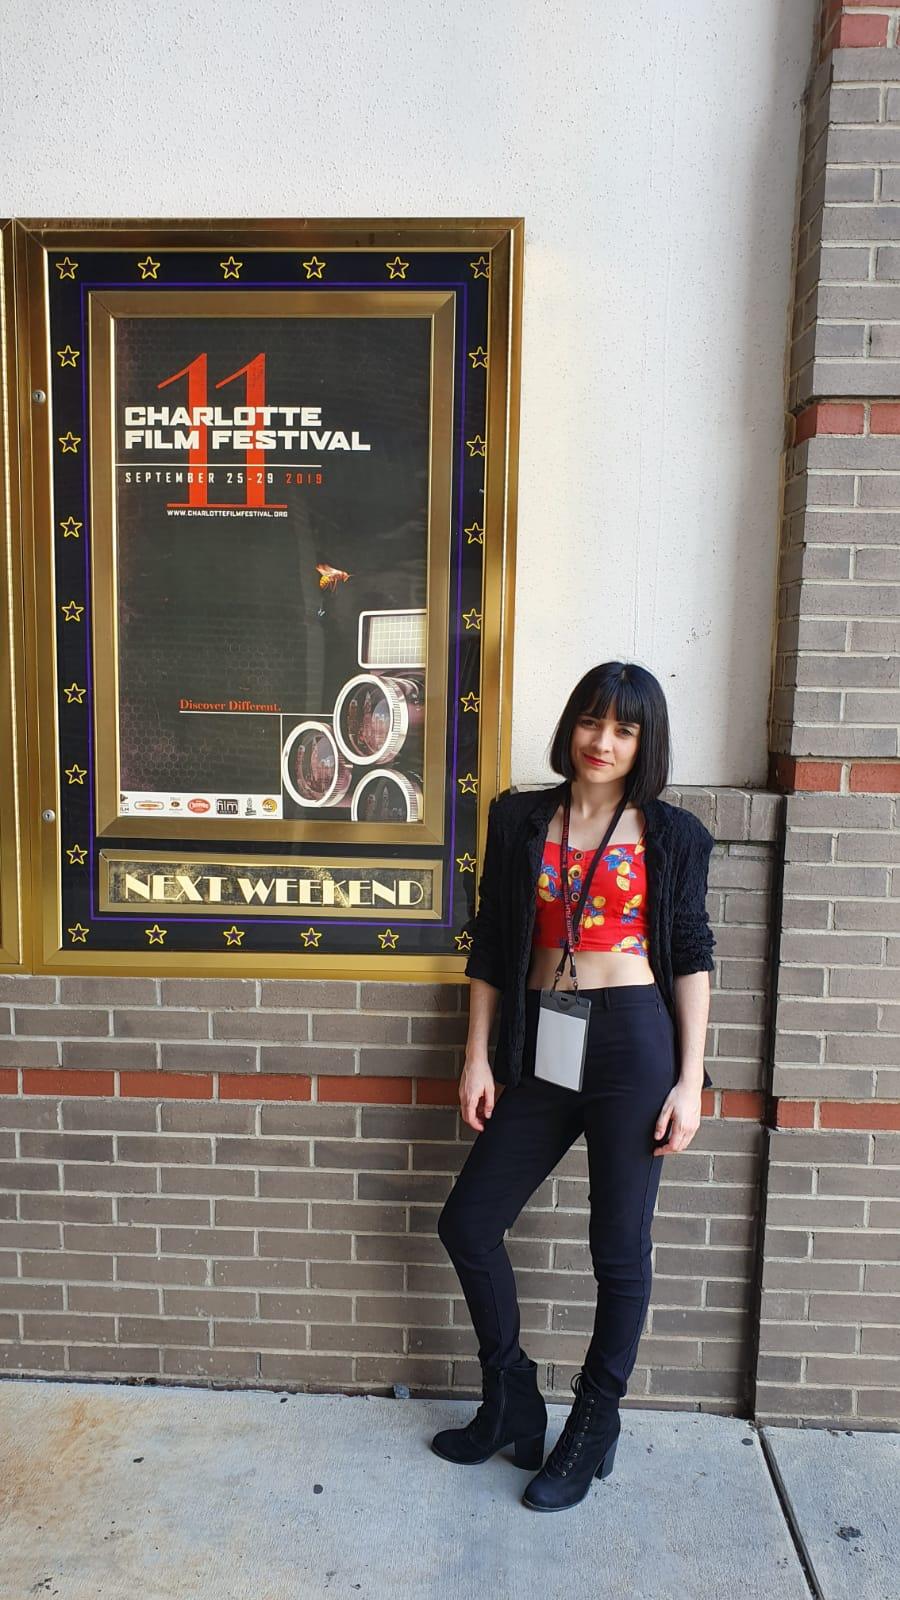 Charlotte Film Festival!